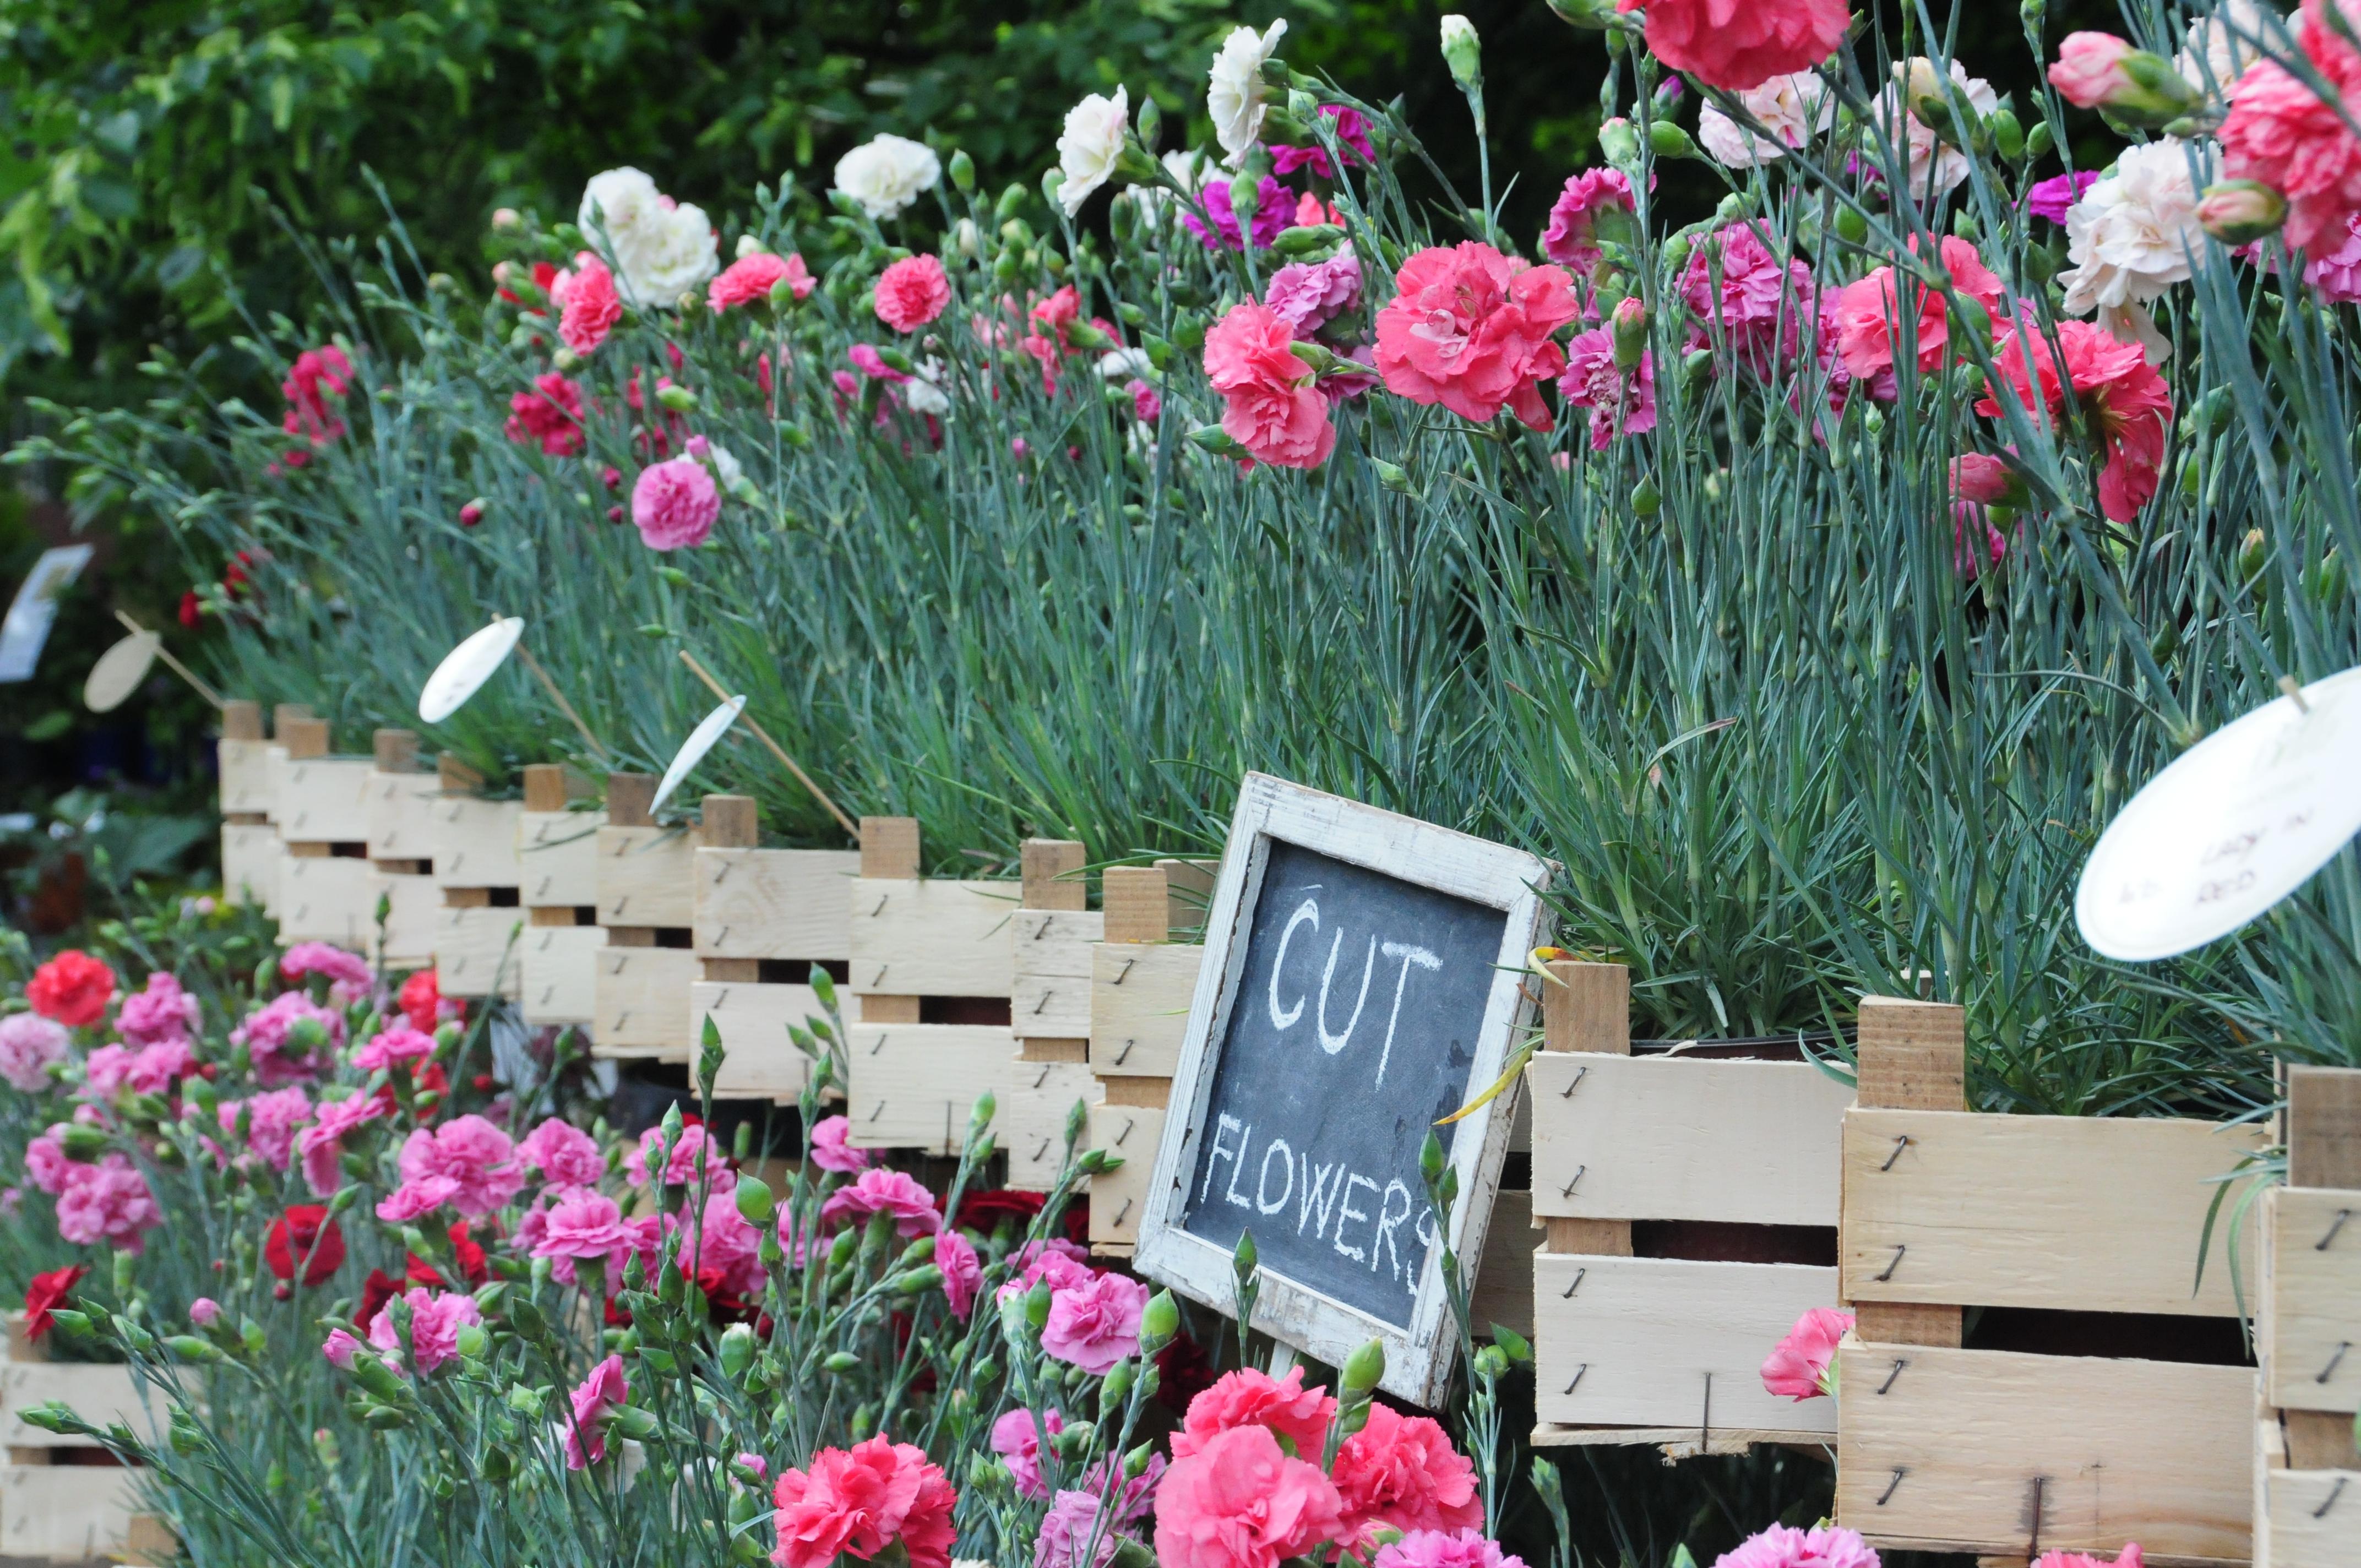 Fiori Da Giardino Roccioso garofani da taglio, una nuova formula per divertirsi in